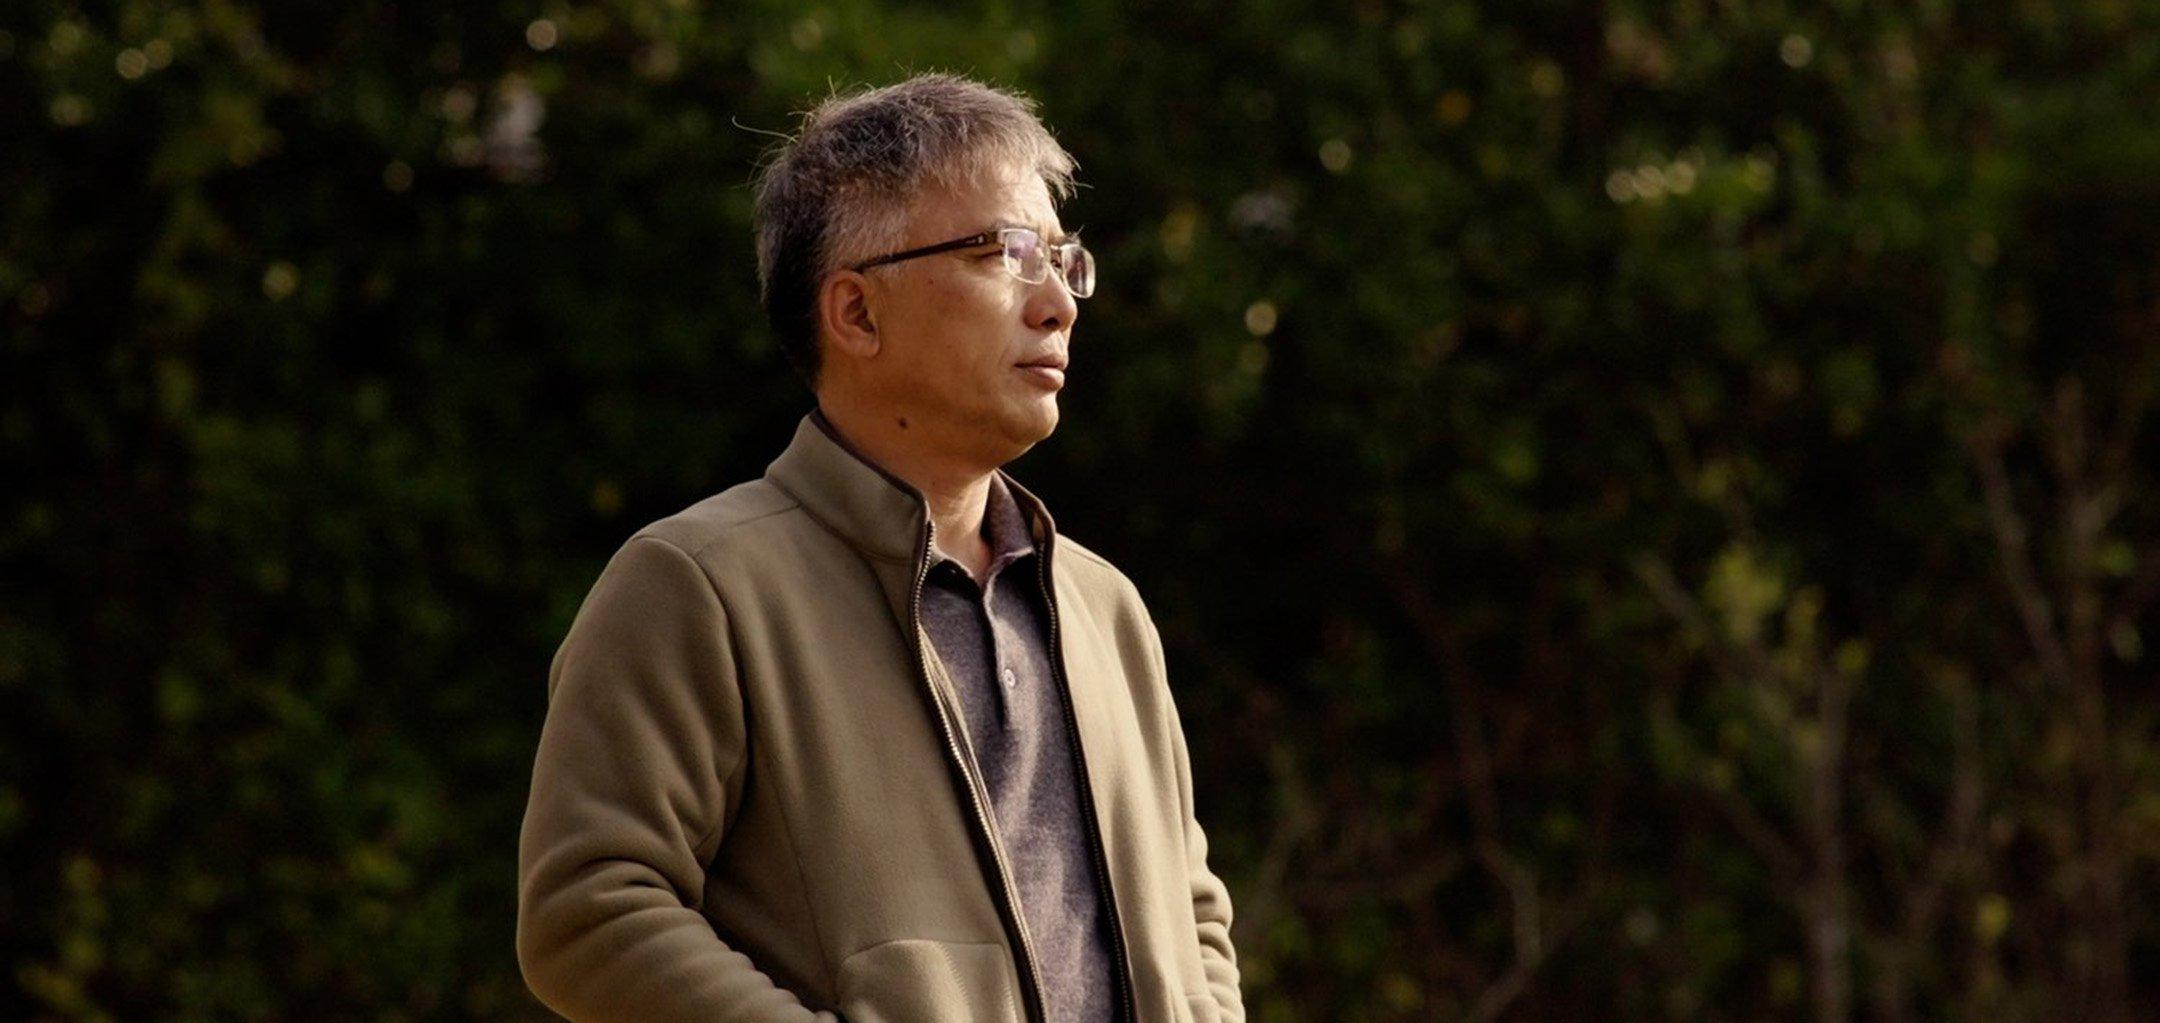 Chef Lim Ji-ho aka The Wandering Chef